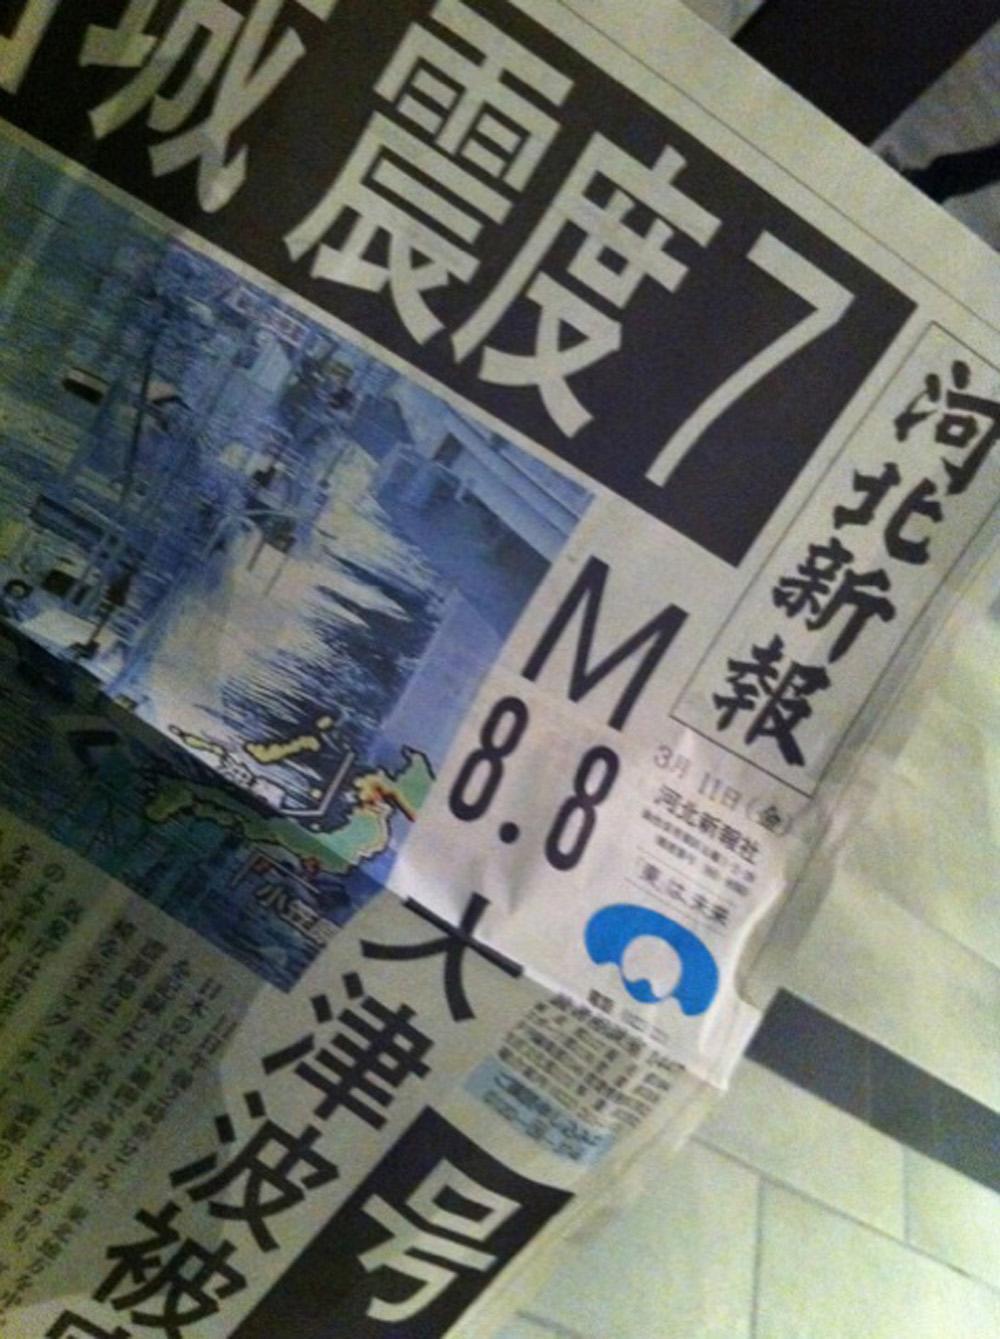 22時頃配っていた地震を伝える河北新報号外